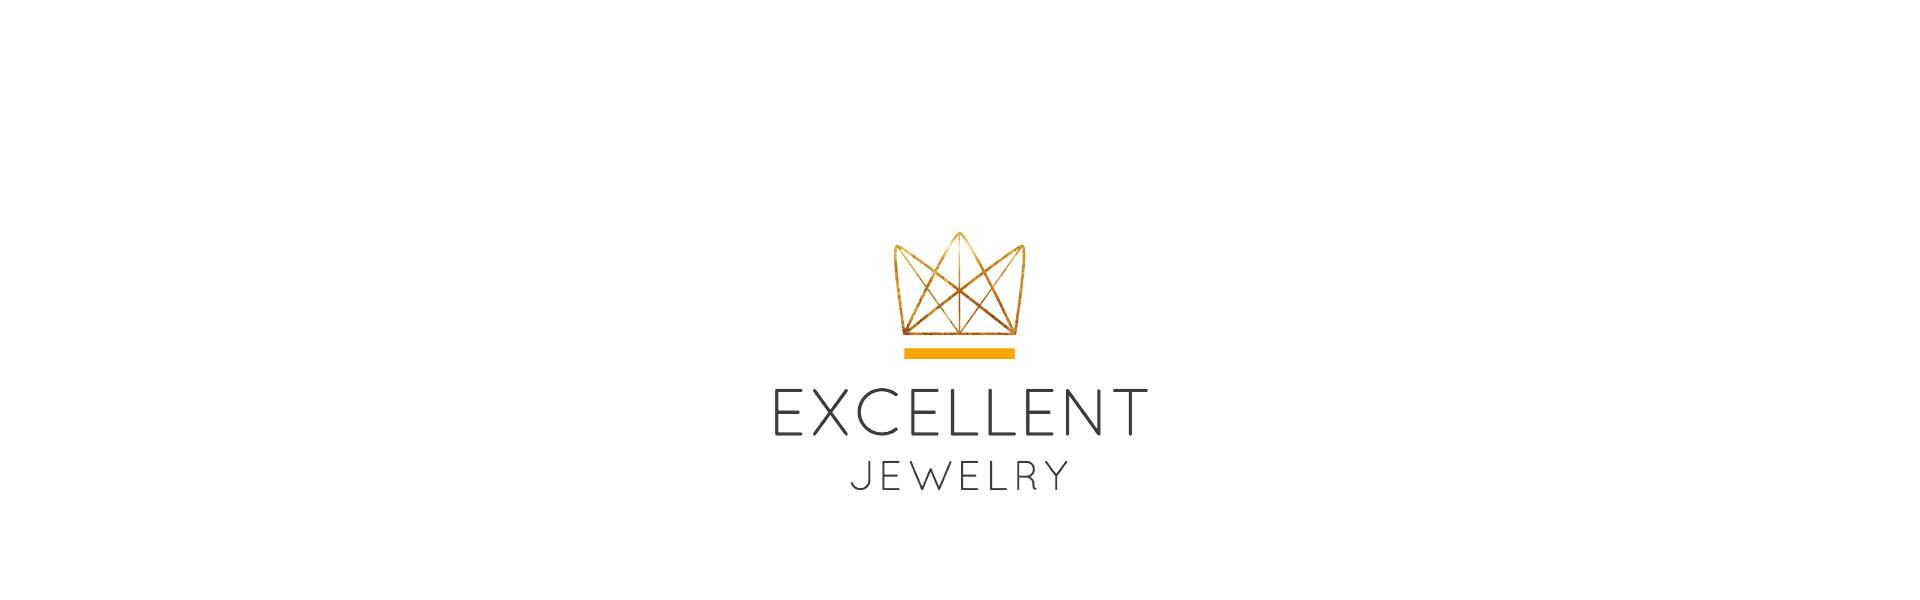 De mooiste luxe sieraden van Excellent Jewelry